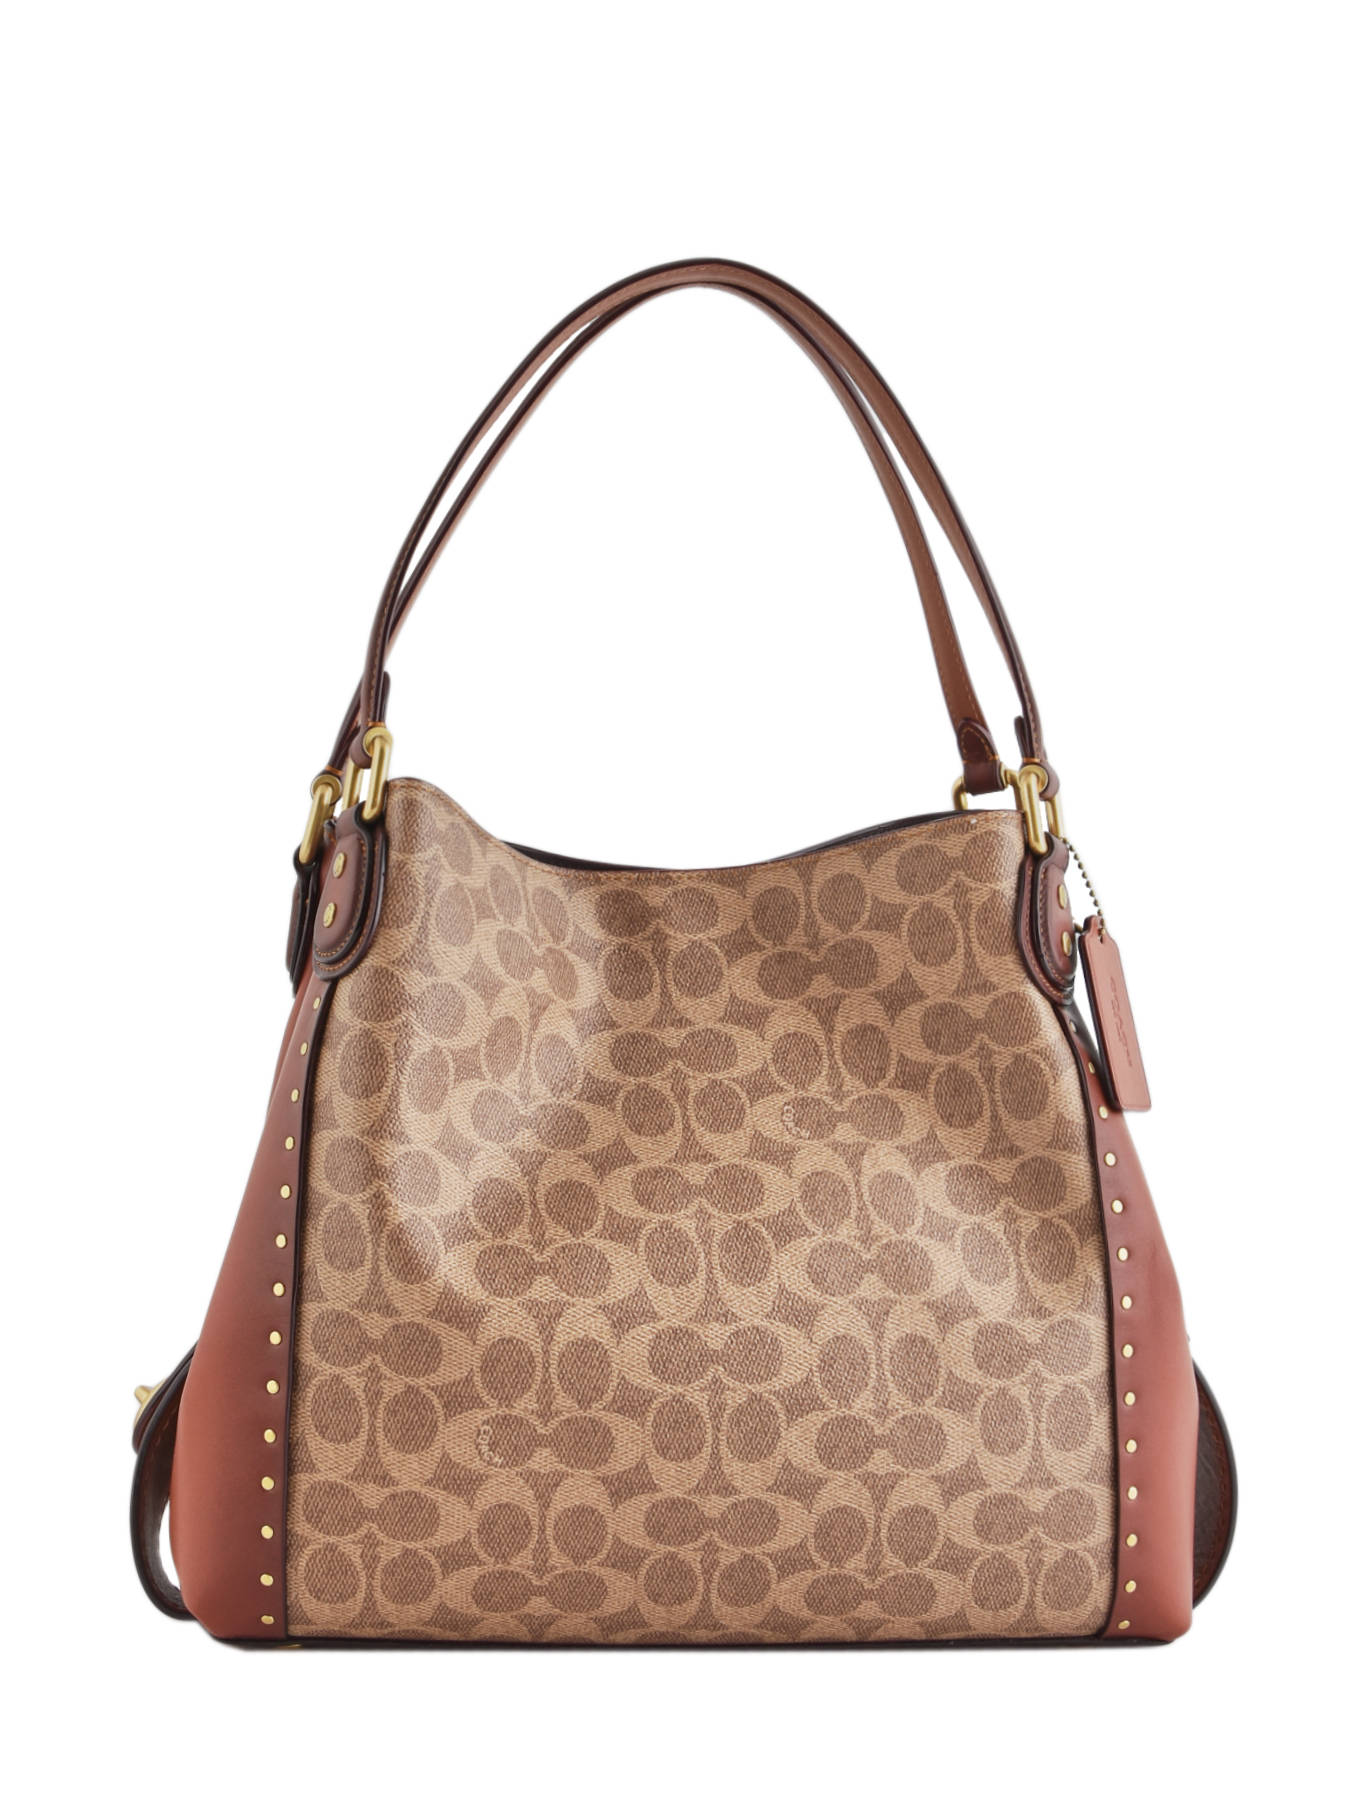 ... Edie Signature Canvas Shopper Leather Coach Brown edie 30220 ... b697b435c9620